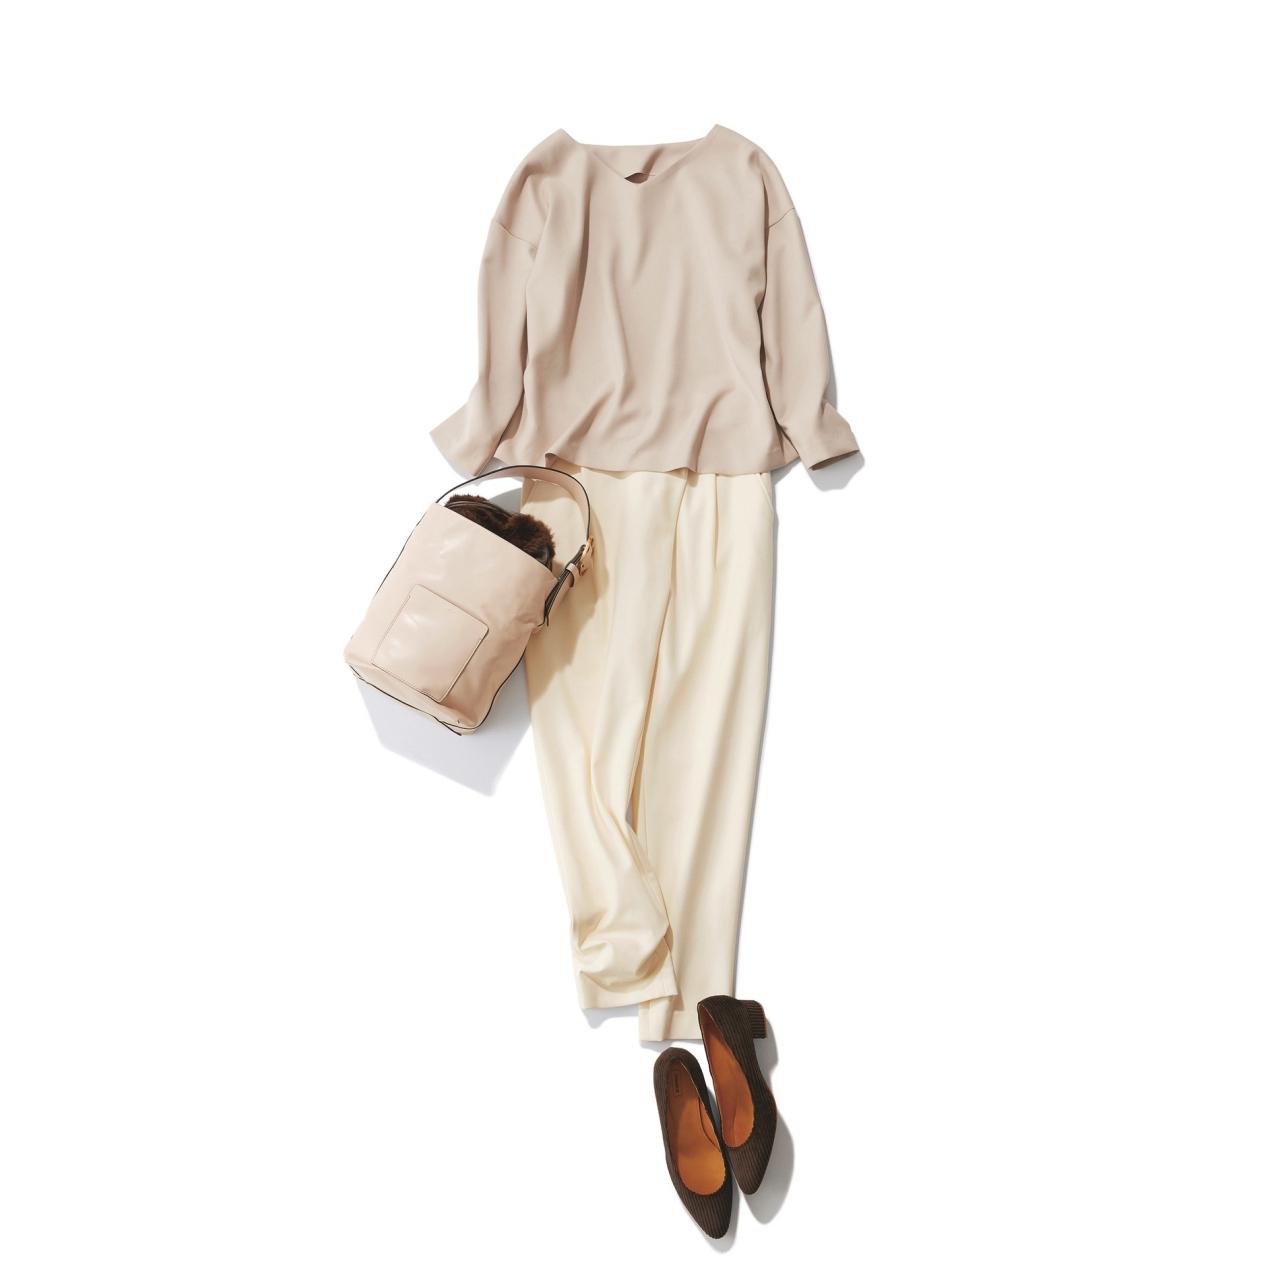 ベージュブラウス×アイボリー色パンツのファッションコーデ